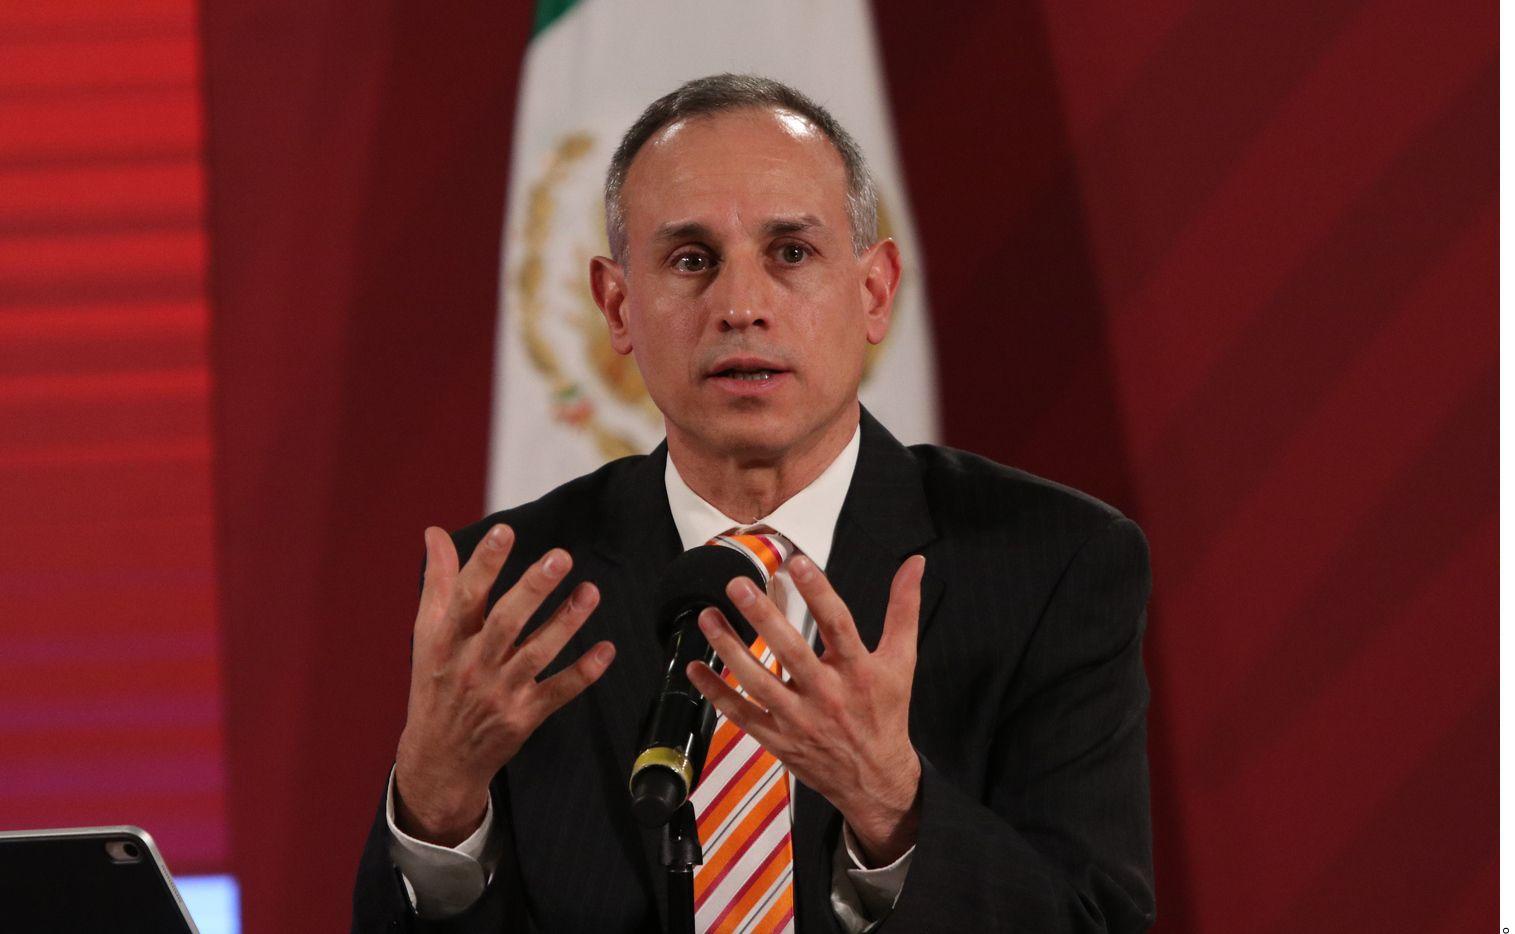 La pandemia por covid-19 para ciudades como Guadalajara y Monterrey se podría extender hasta el mes de octubre, adelantan autoridades mexicanas.